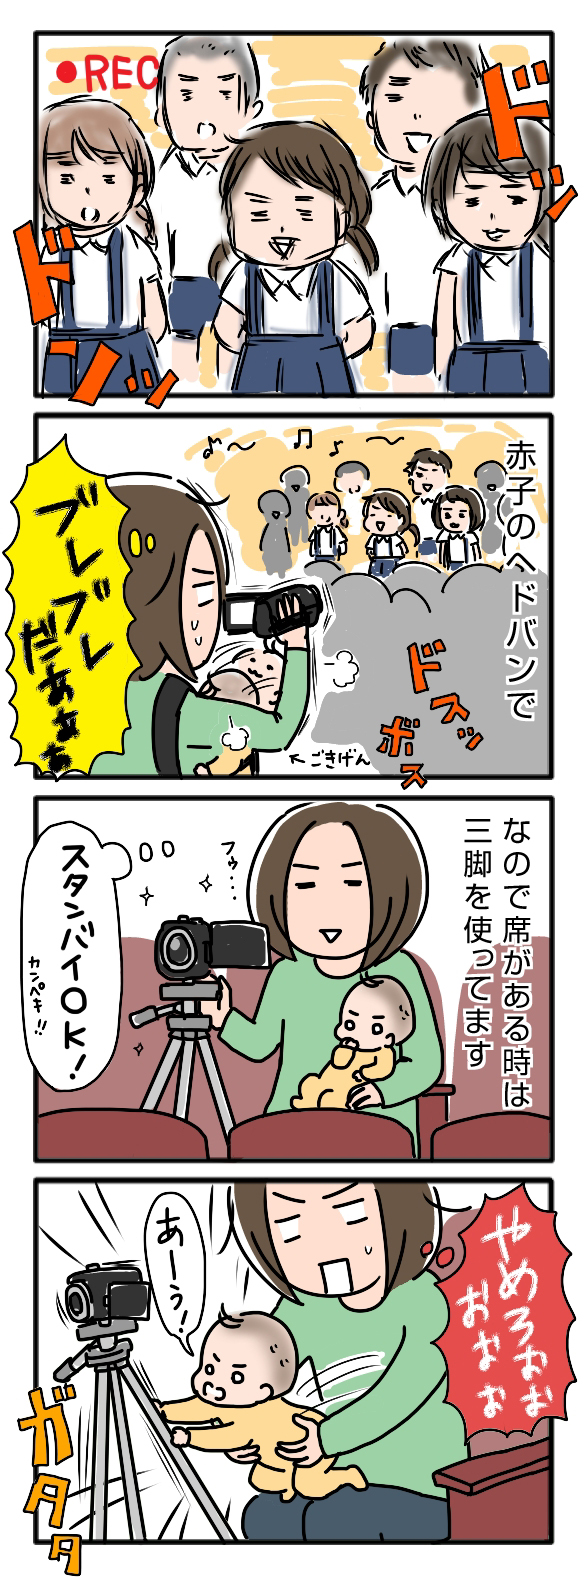 赤ちゃんの妹はやりたい放題!下の子を連れての録画は大変 ~姉ちゃんは育児中 番外編1~の画像1